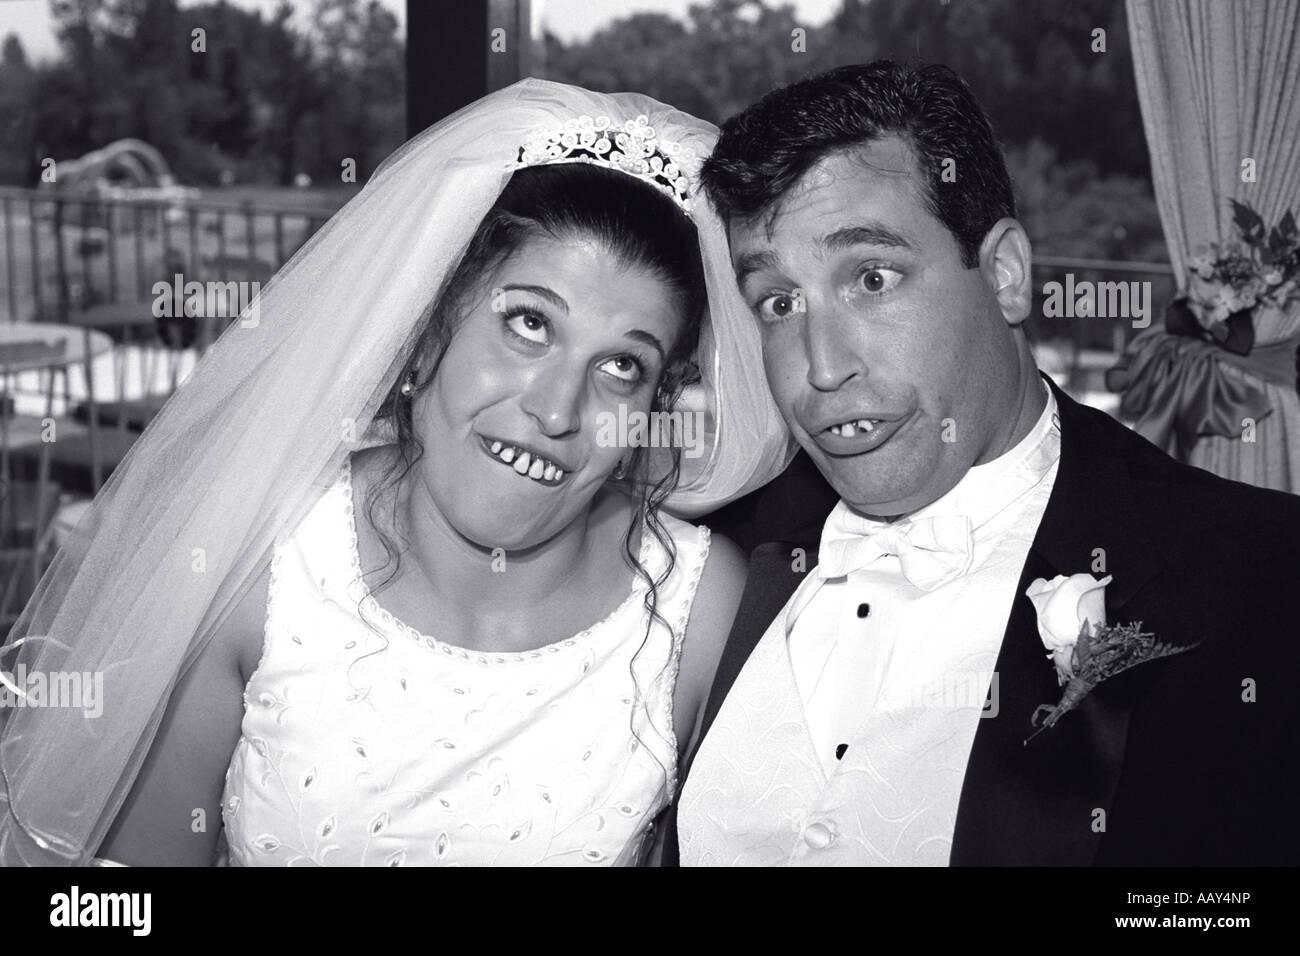 Goofy pareja en boda haciendo muecas para el novio y la novia tonta feliz blanco y negro horizontal Foto de stock